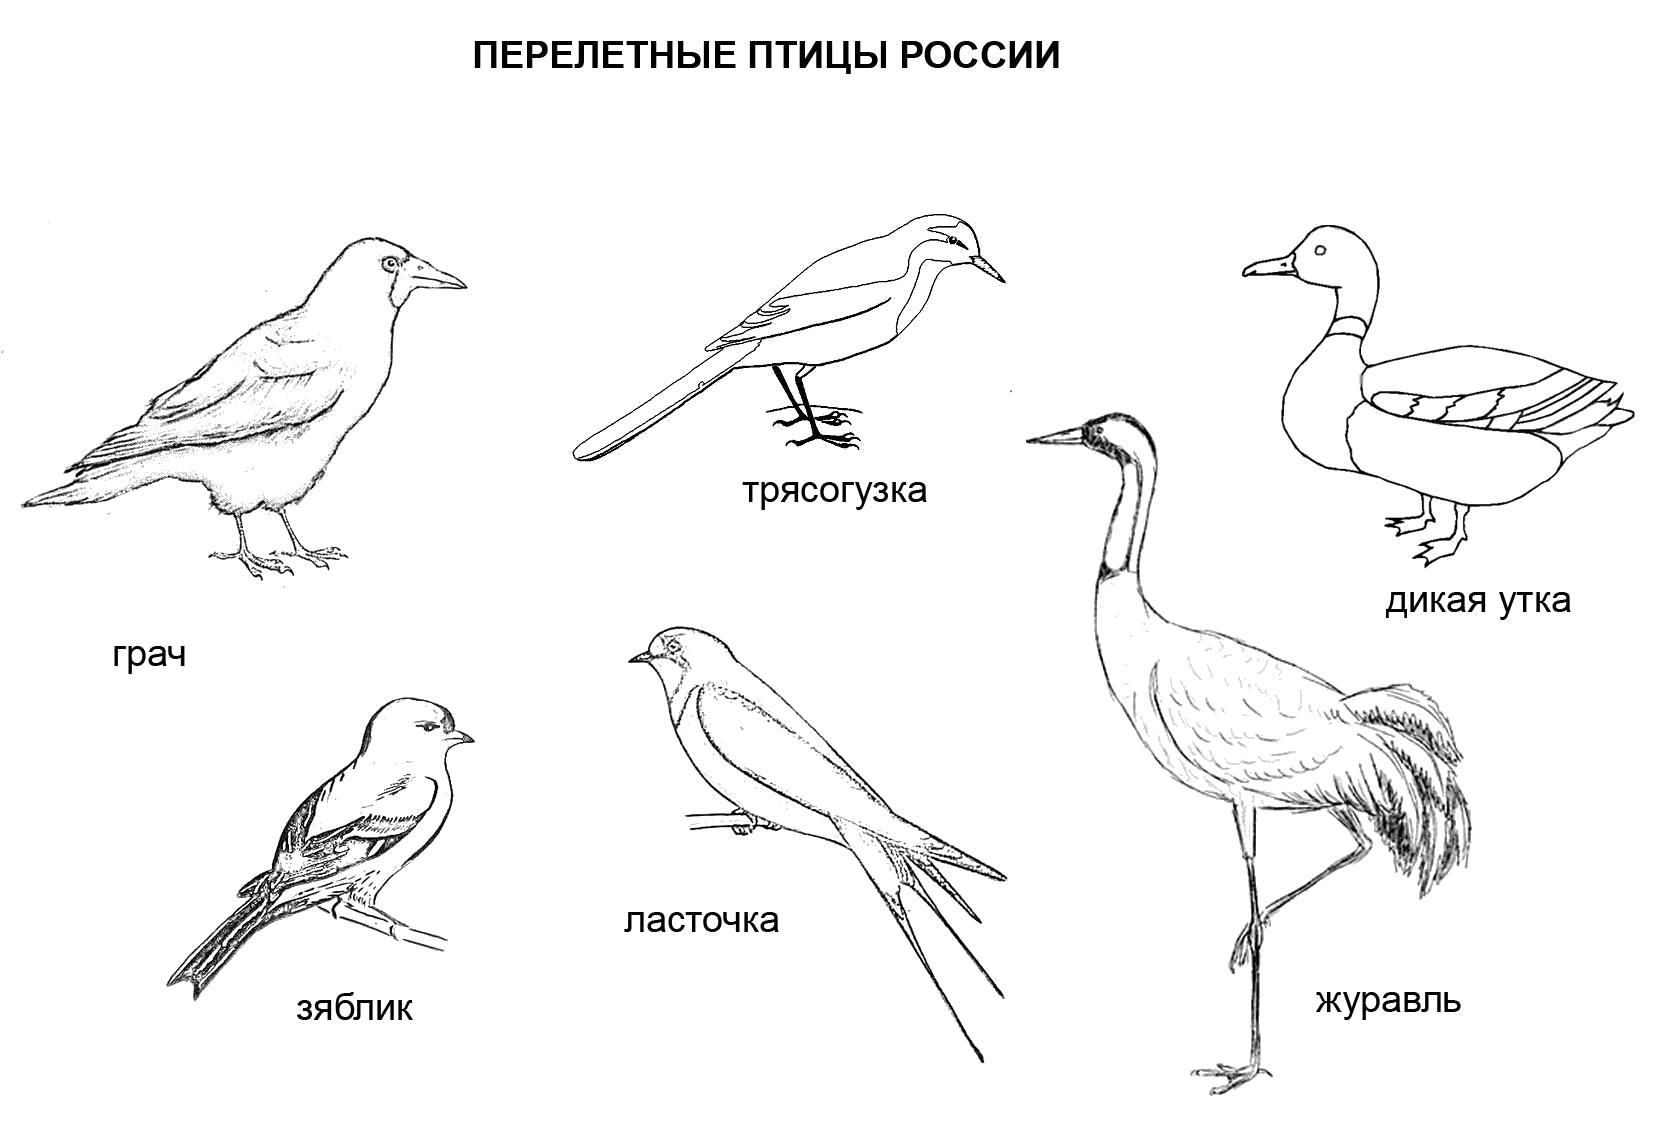 Раскраска Перелетные птицы России. . Скачать Птицы.  Распечатать Птицы